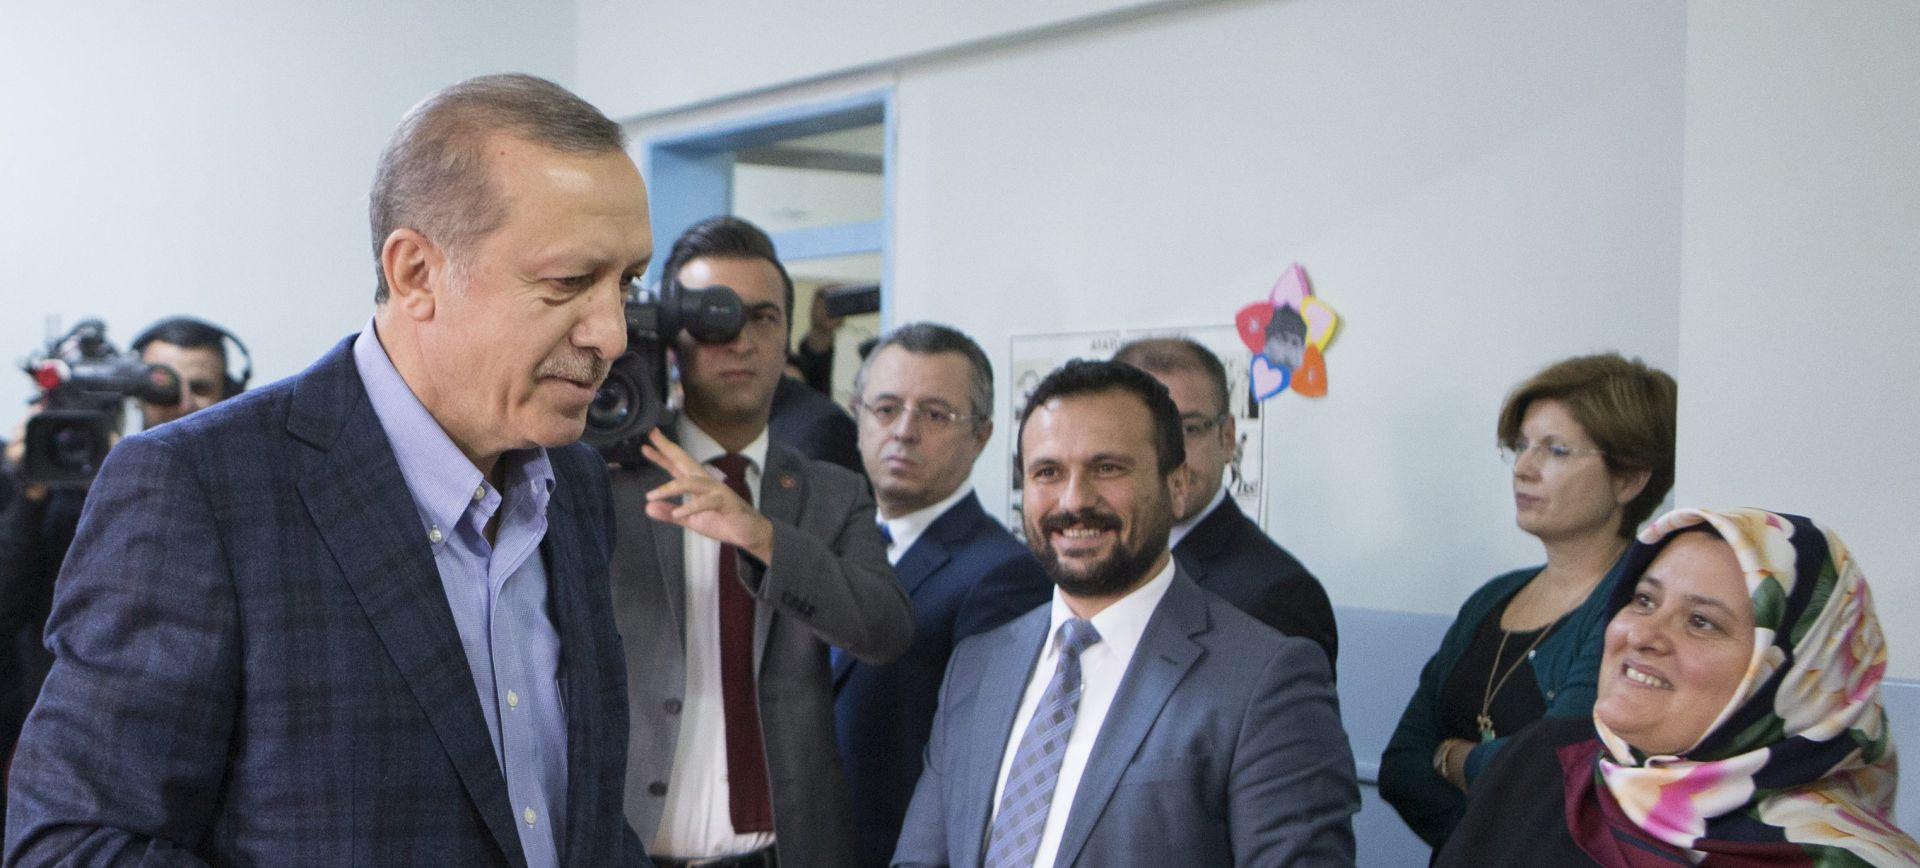 POTPUNA VLAST U RUKAMA: Erdoganova stranka premoćno vodi na izborima